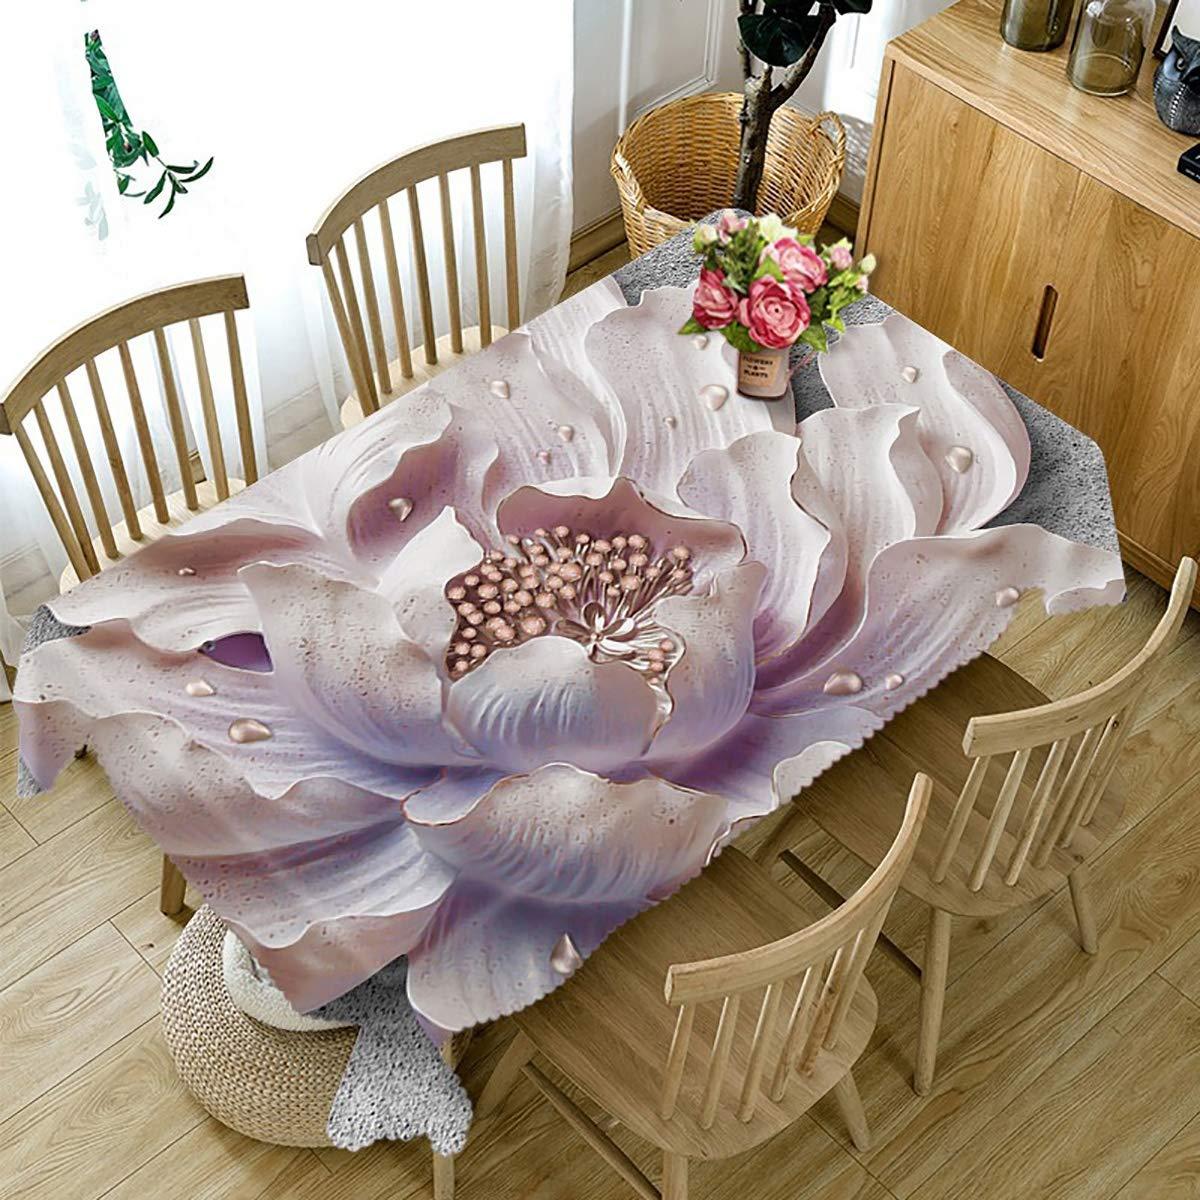 HUANZI Abwaschbare Tischdecke Dekorative Tischdecken Rechteckige 3D HD-Druckmuster Antifouling Und Umweltschutz FüR KüChe Outdoor Garten Party, 90cmx150cm B07JR518Z8 Tischdecken